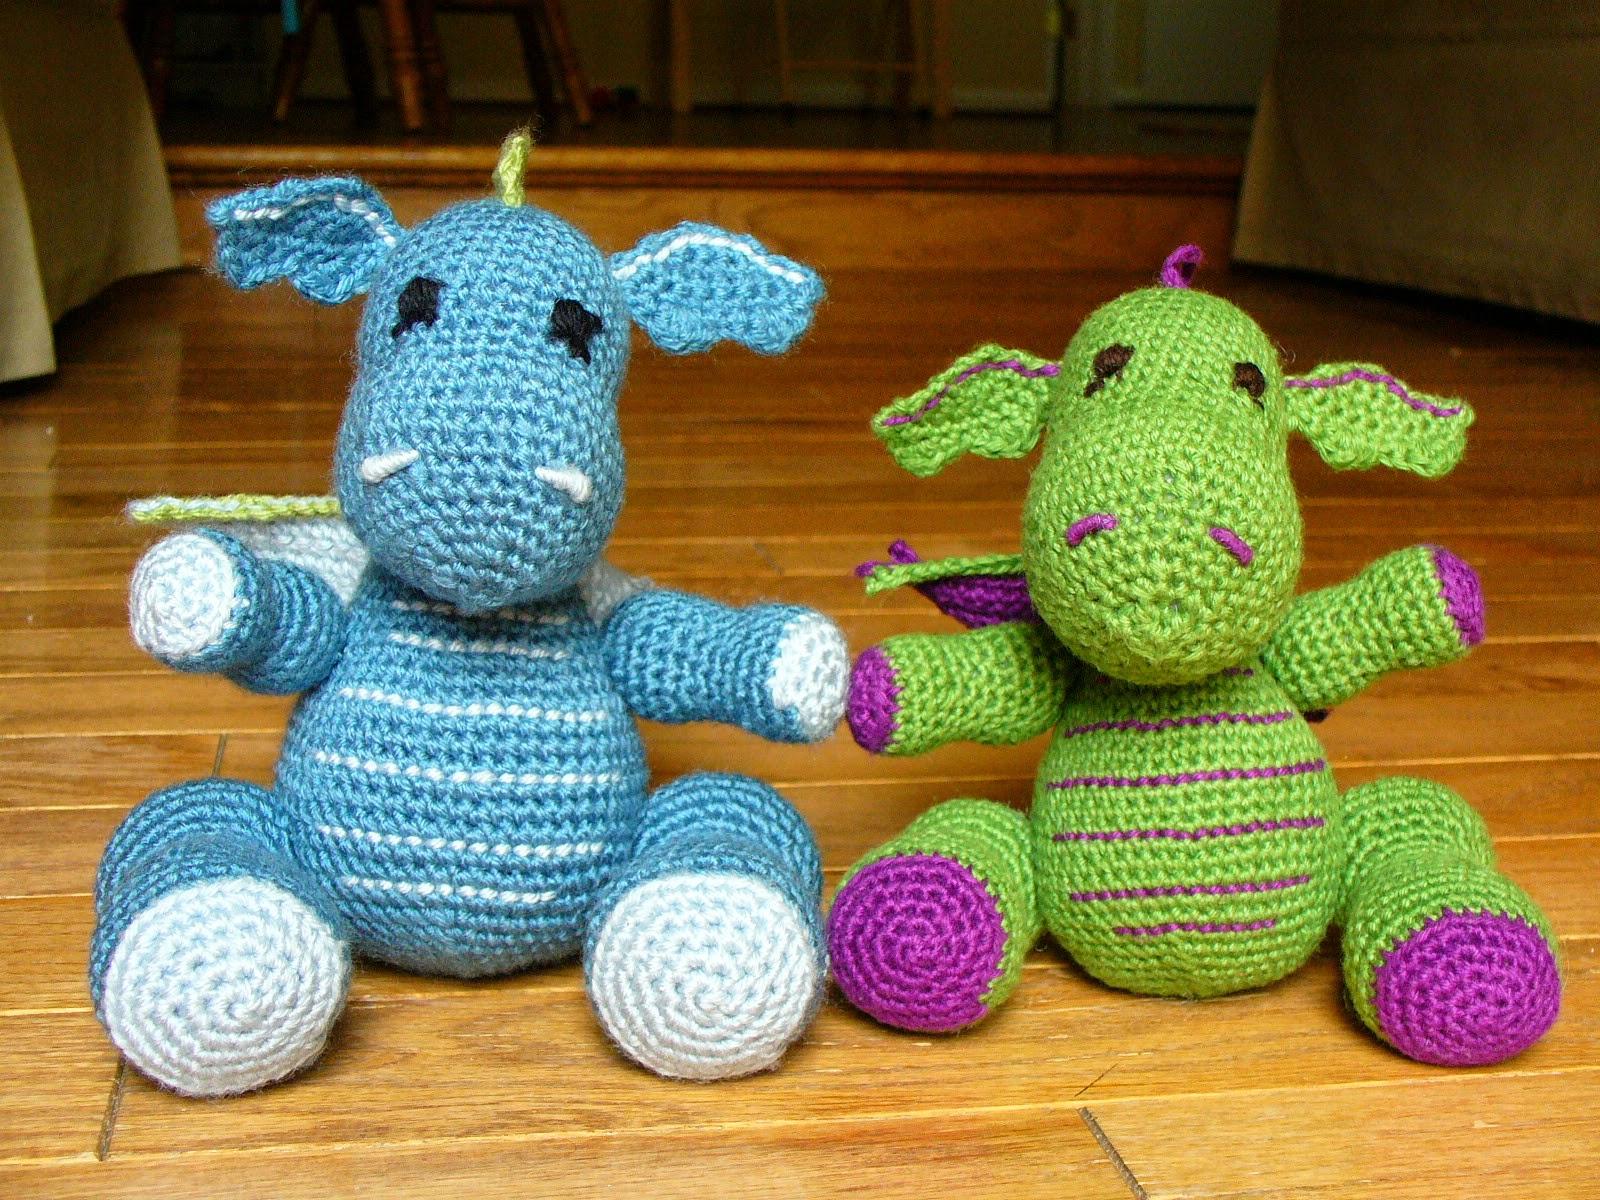 Amigurumi Stitch Free Pattern : Dragons Amigurumi Crochet Pattern ? Crochet Kingdom